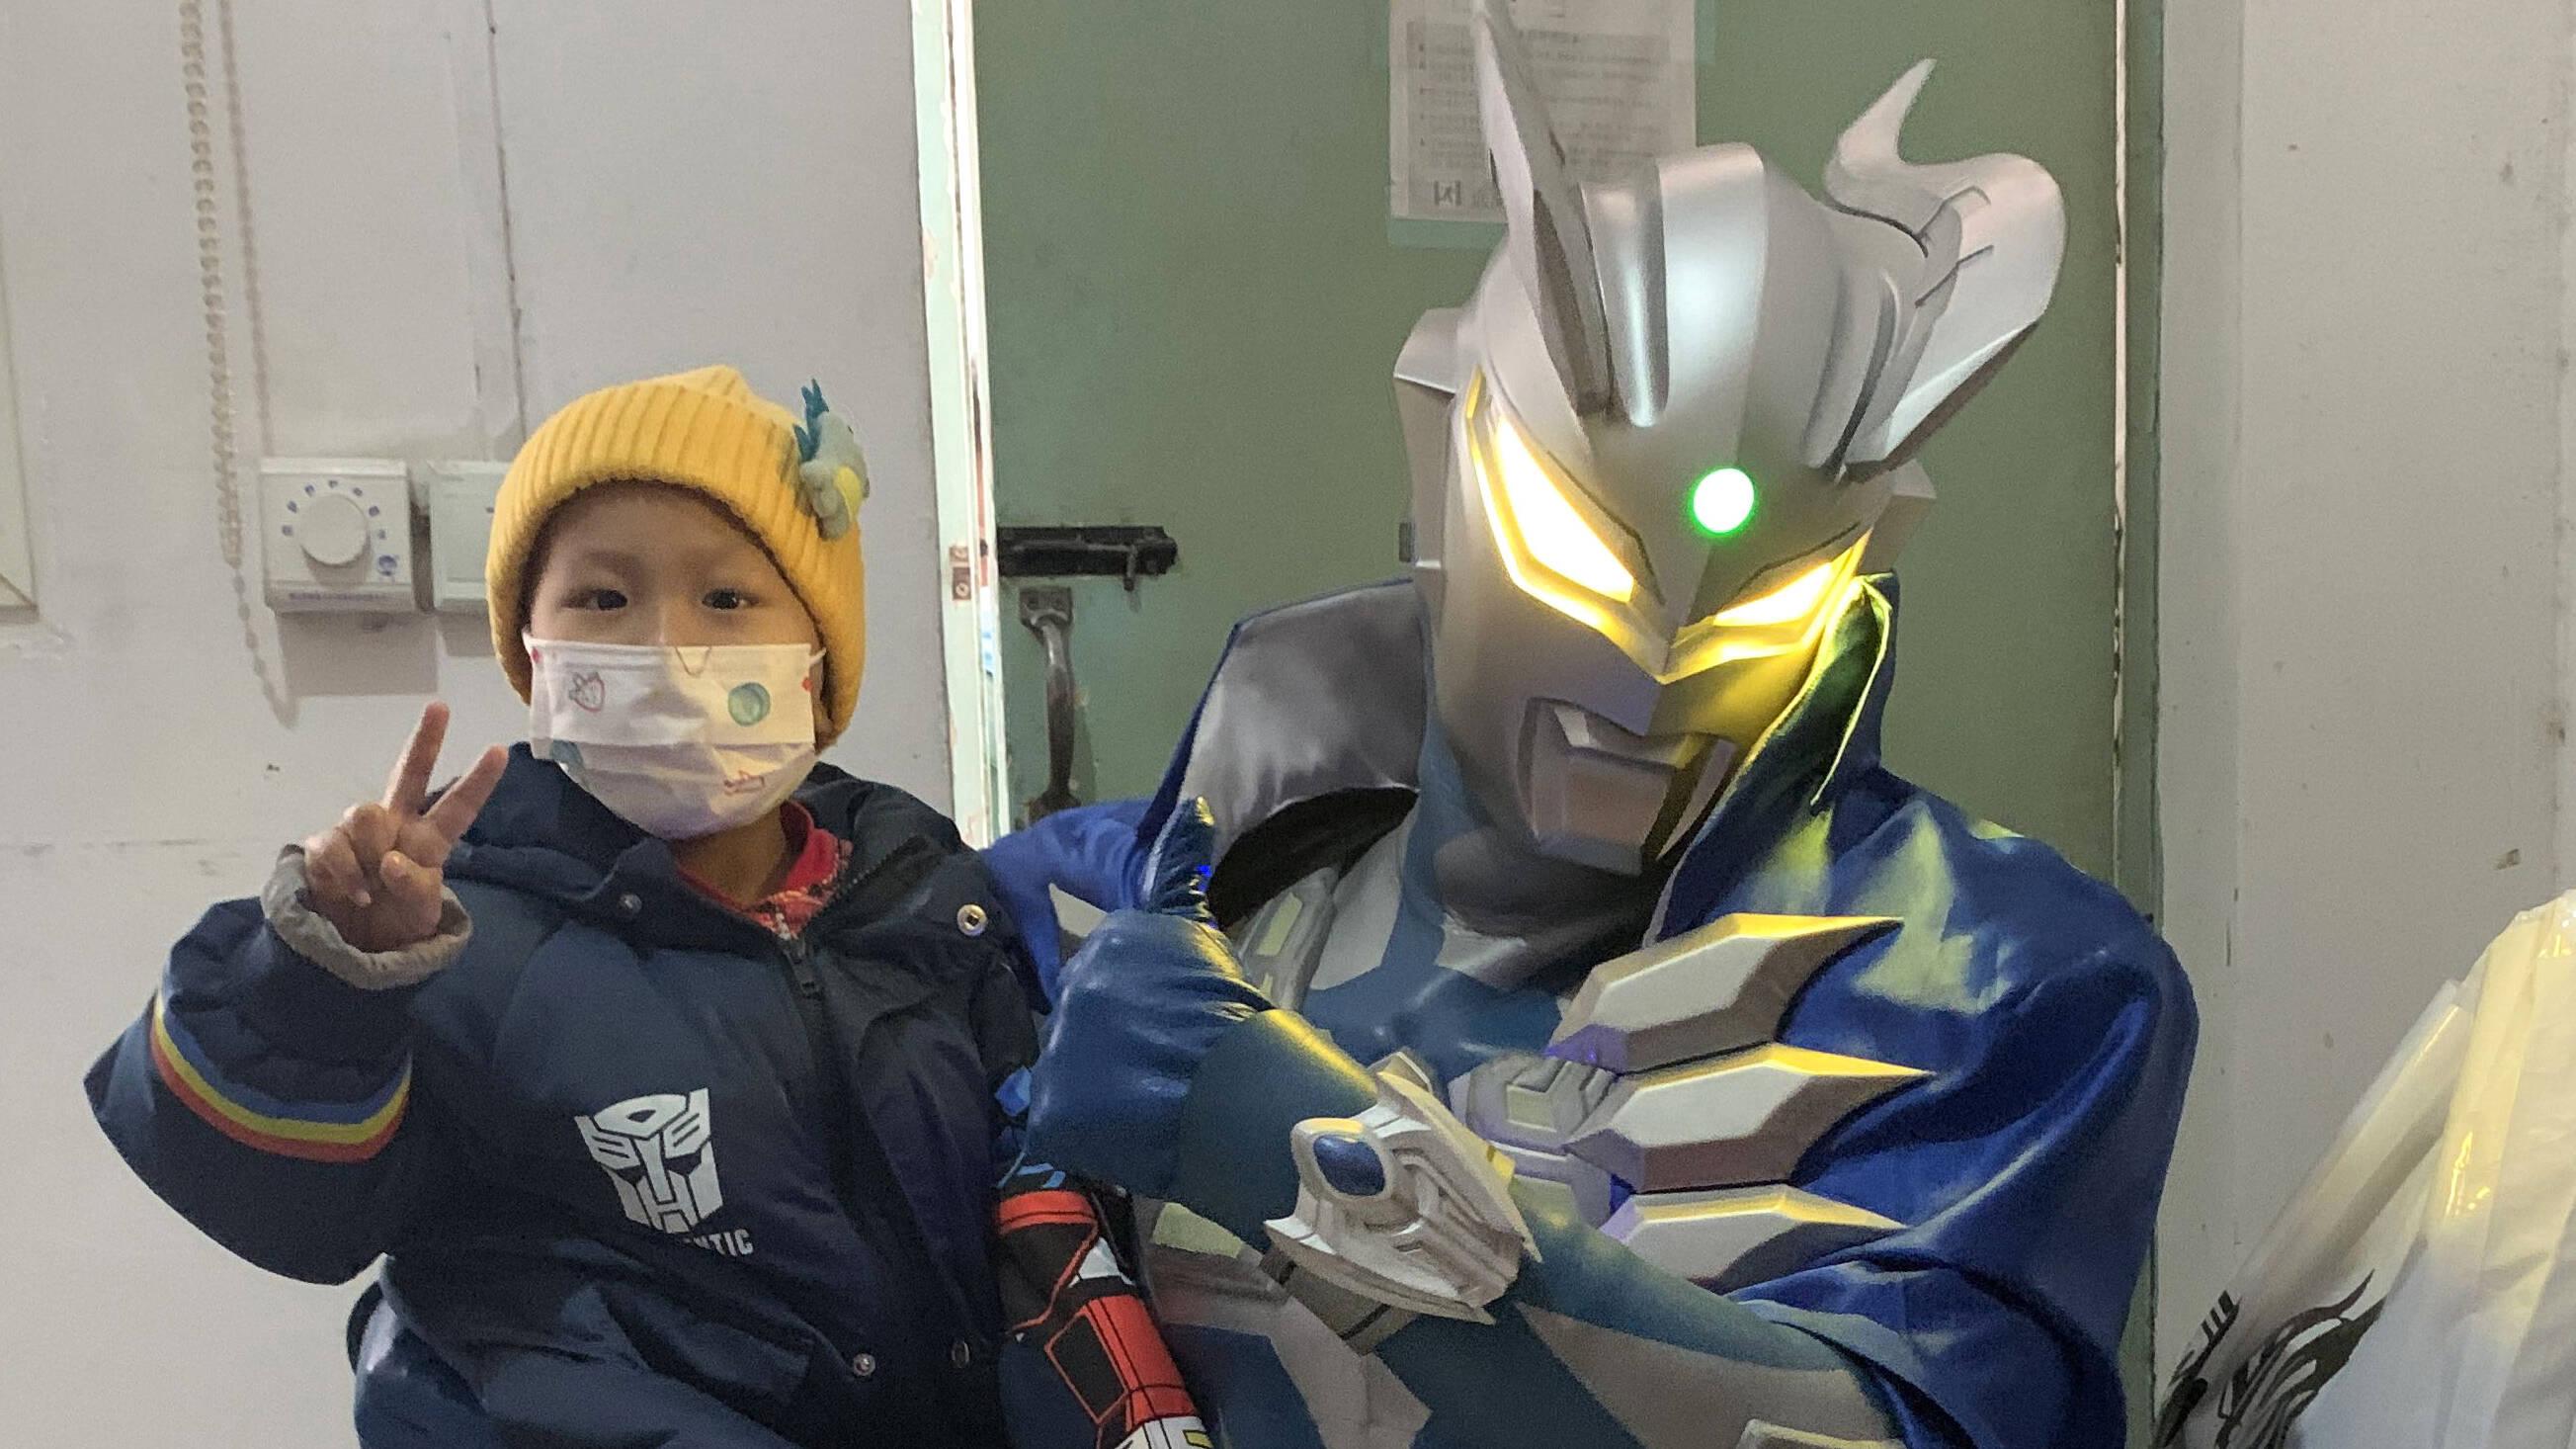 闪电公益|与奥特曼合照、表演赛罗招牌动作……5岁患癌男孩圆梦奥特曼